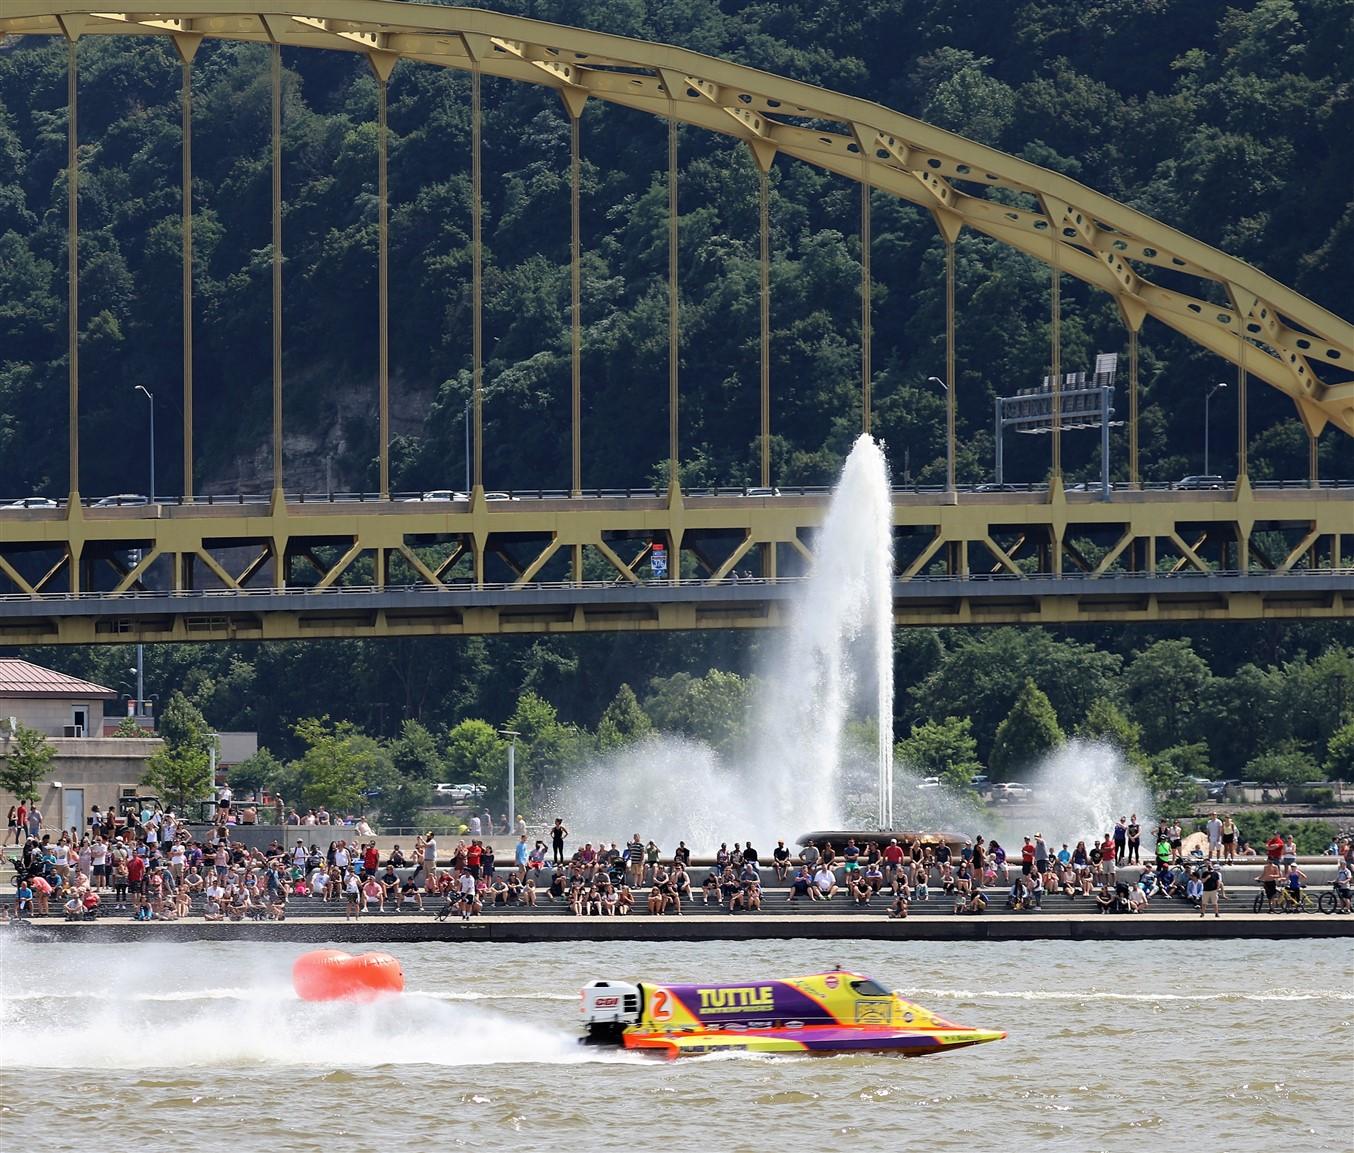 2018 08 04 206 Pittsburgh Three Rivers Regatta.jpg